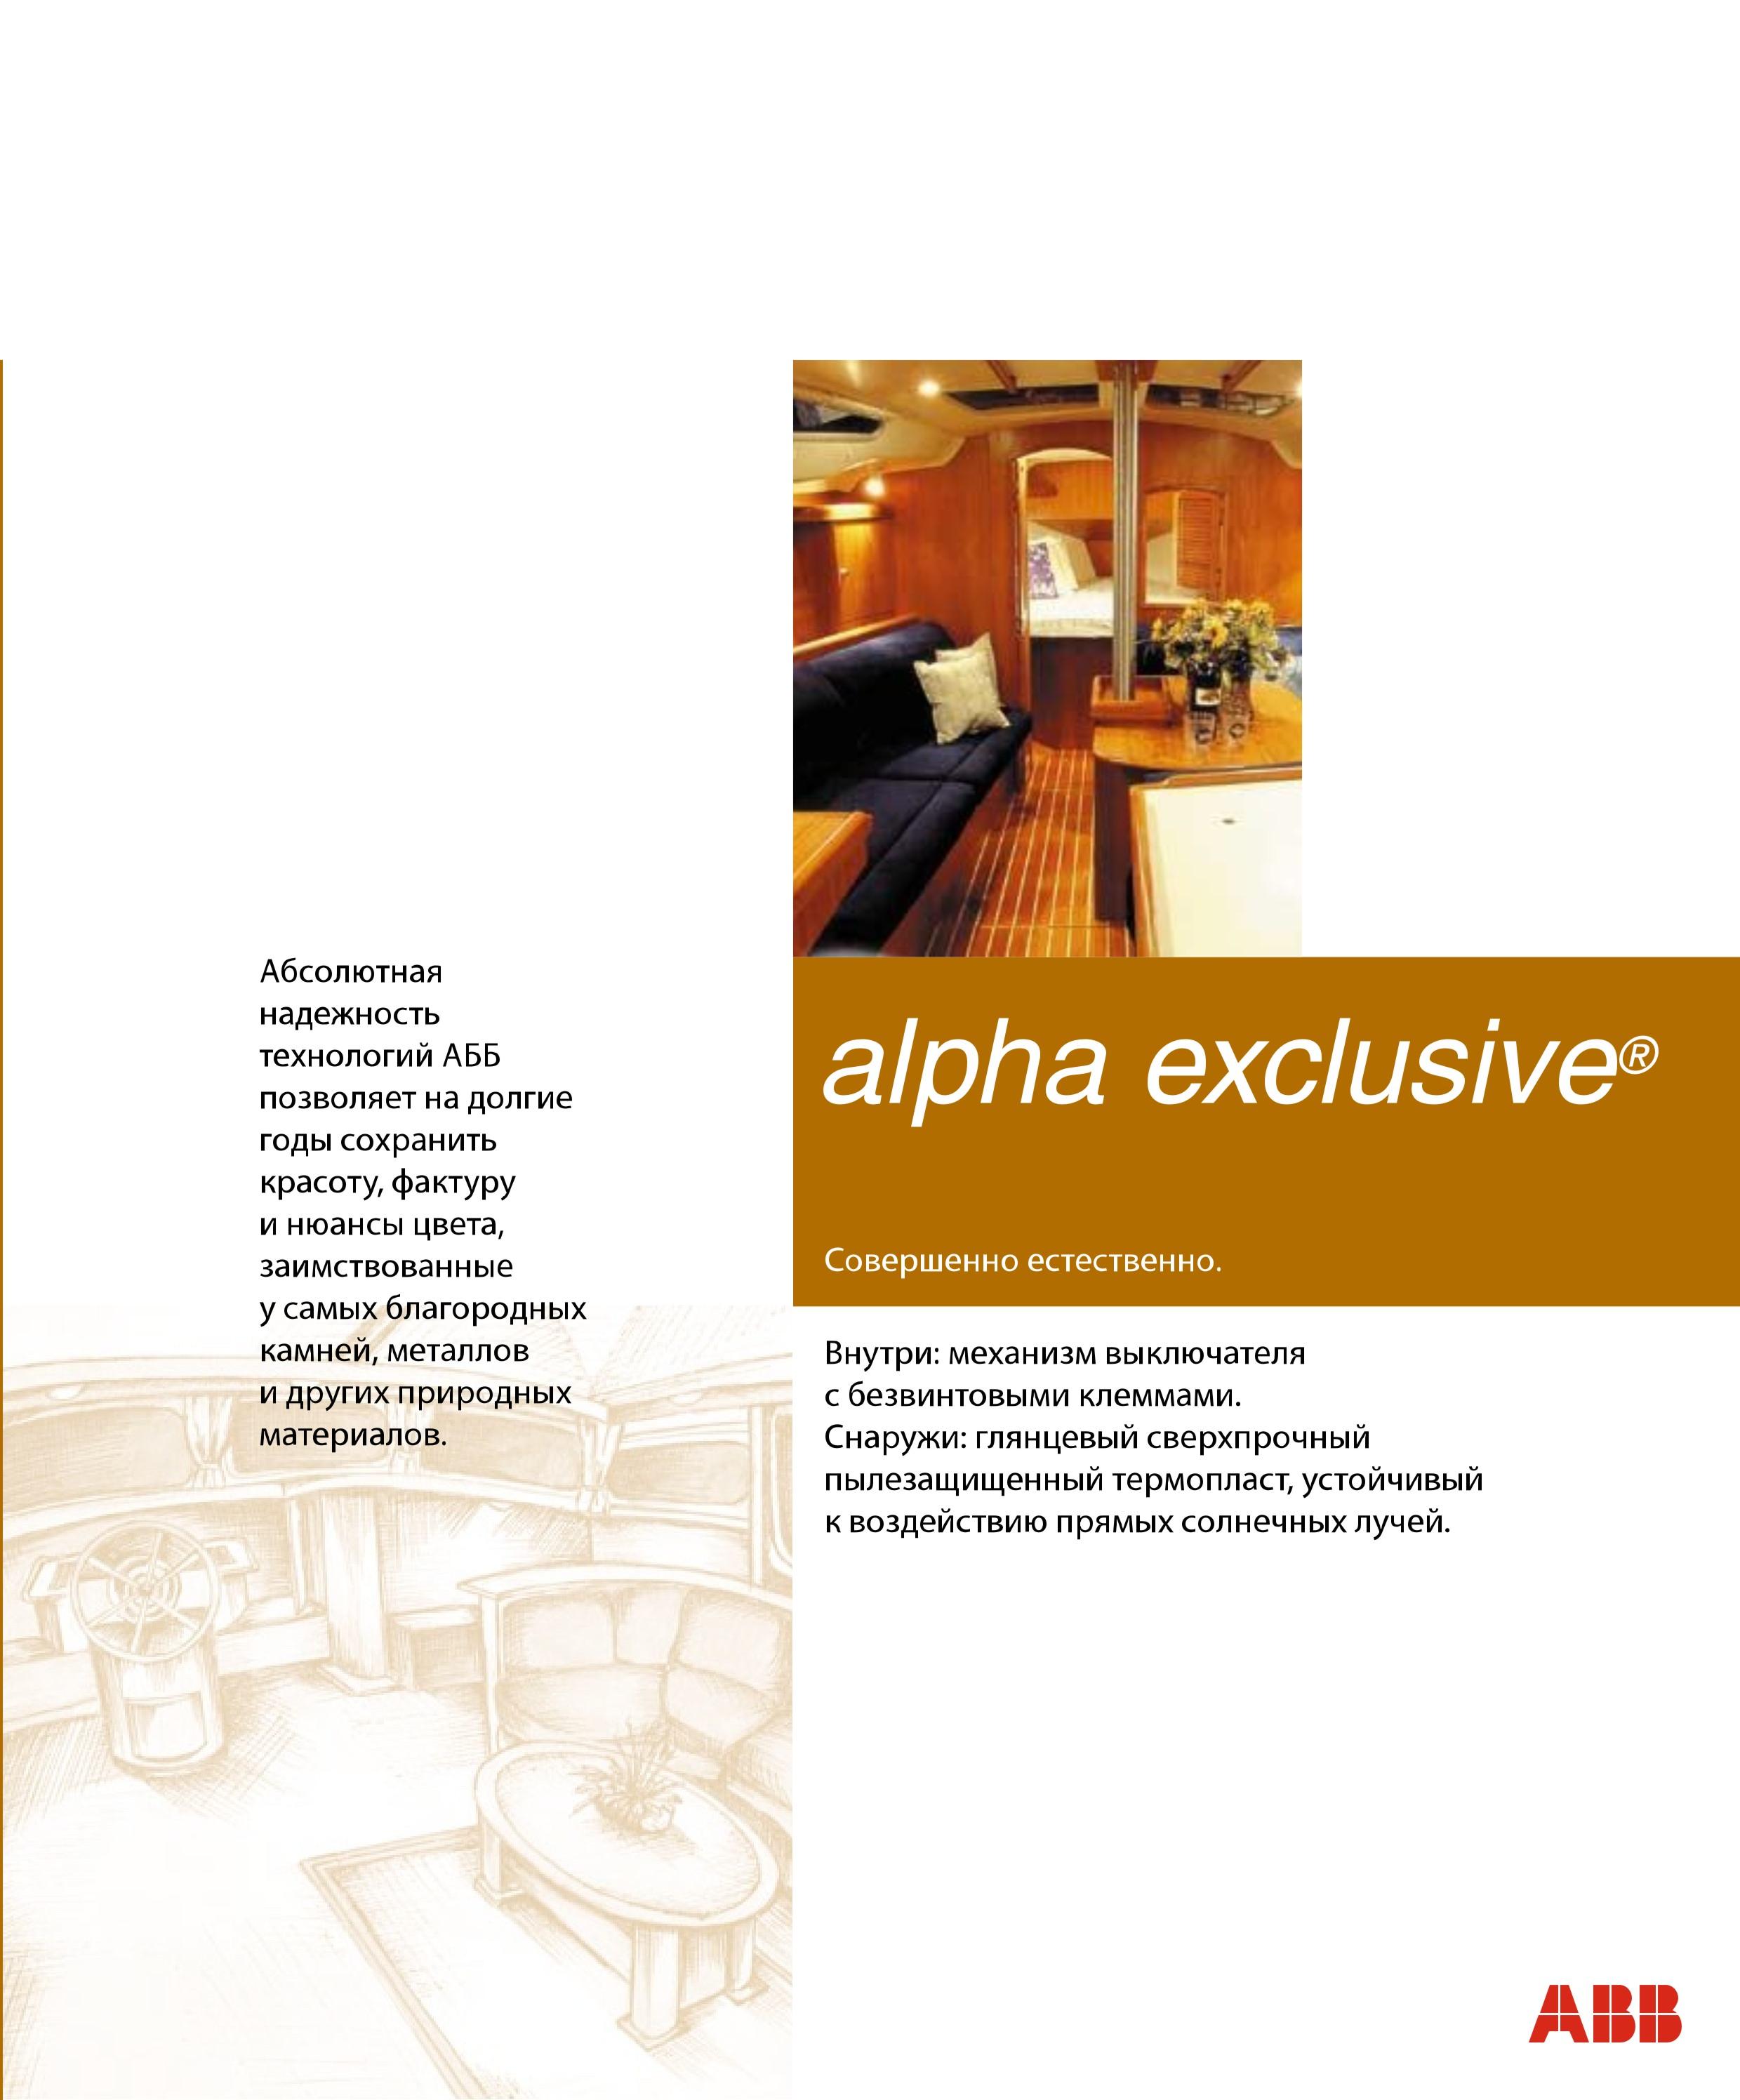 Alpha exclusive